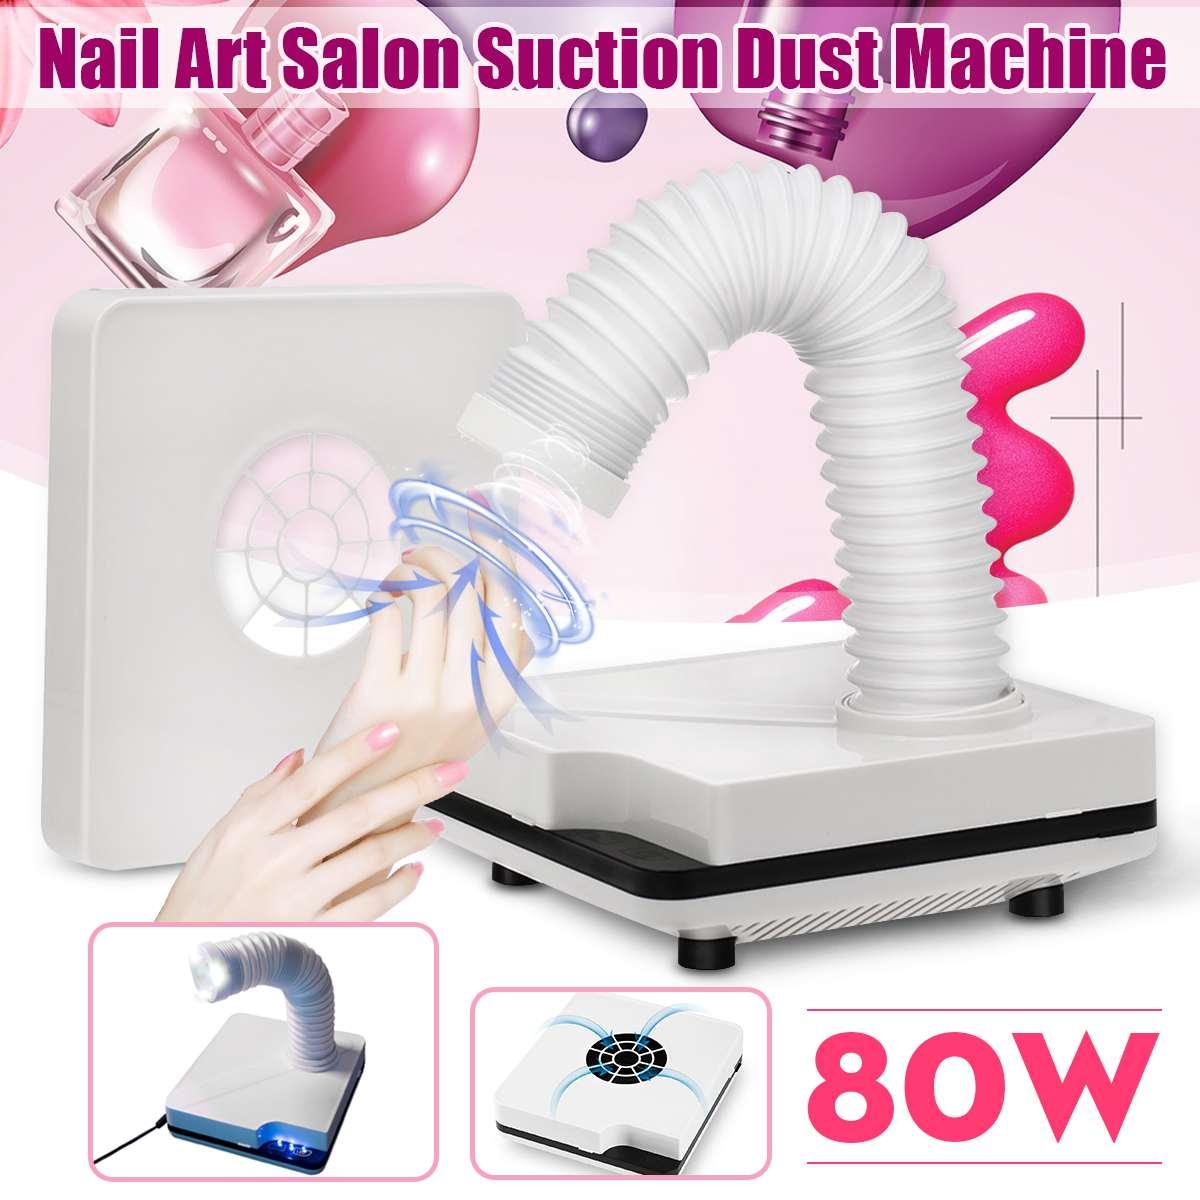 80 W forte puissance ongles aspiration collecteur de poussière ongles collecteur de poussière aspirateur ongles ventilateur Nail Art Salon manucure Machine